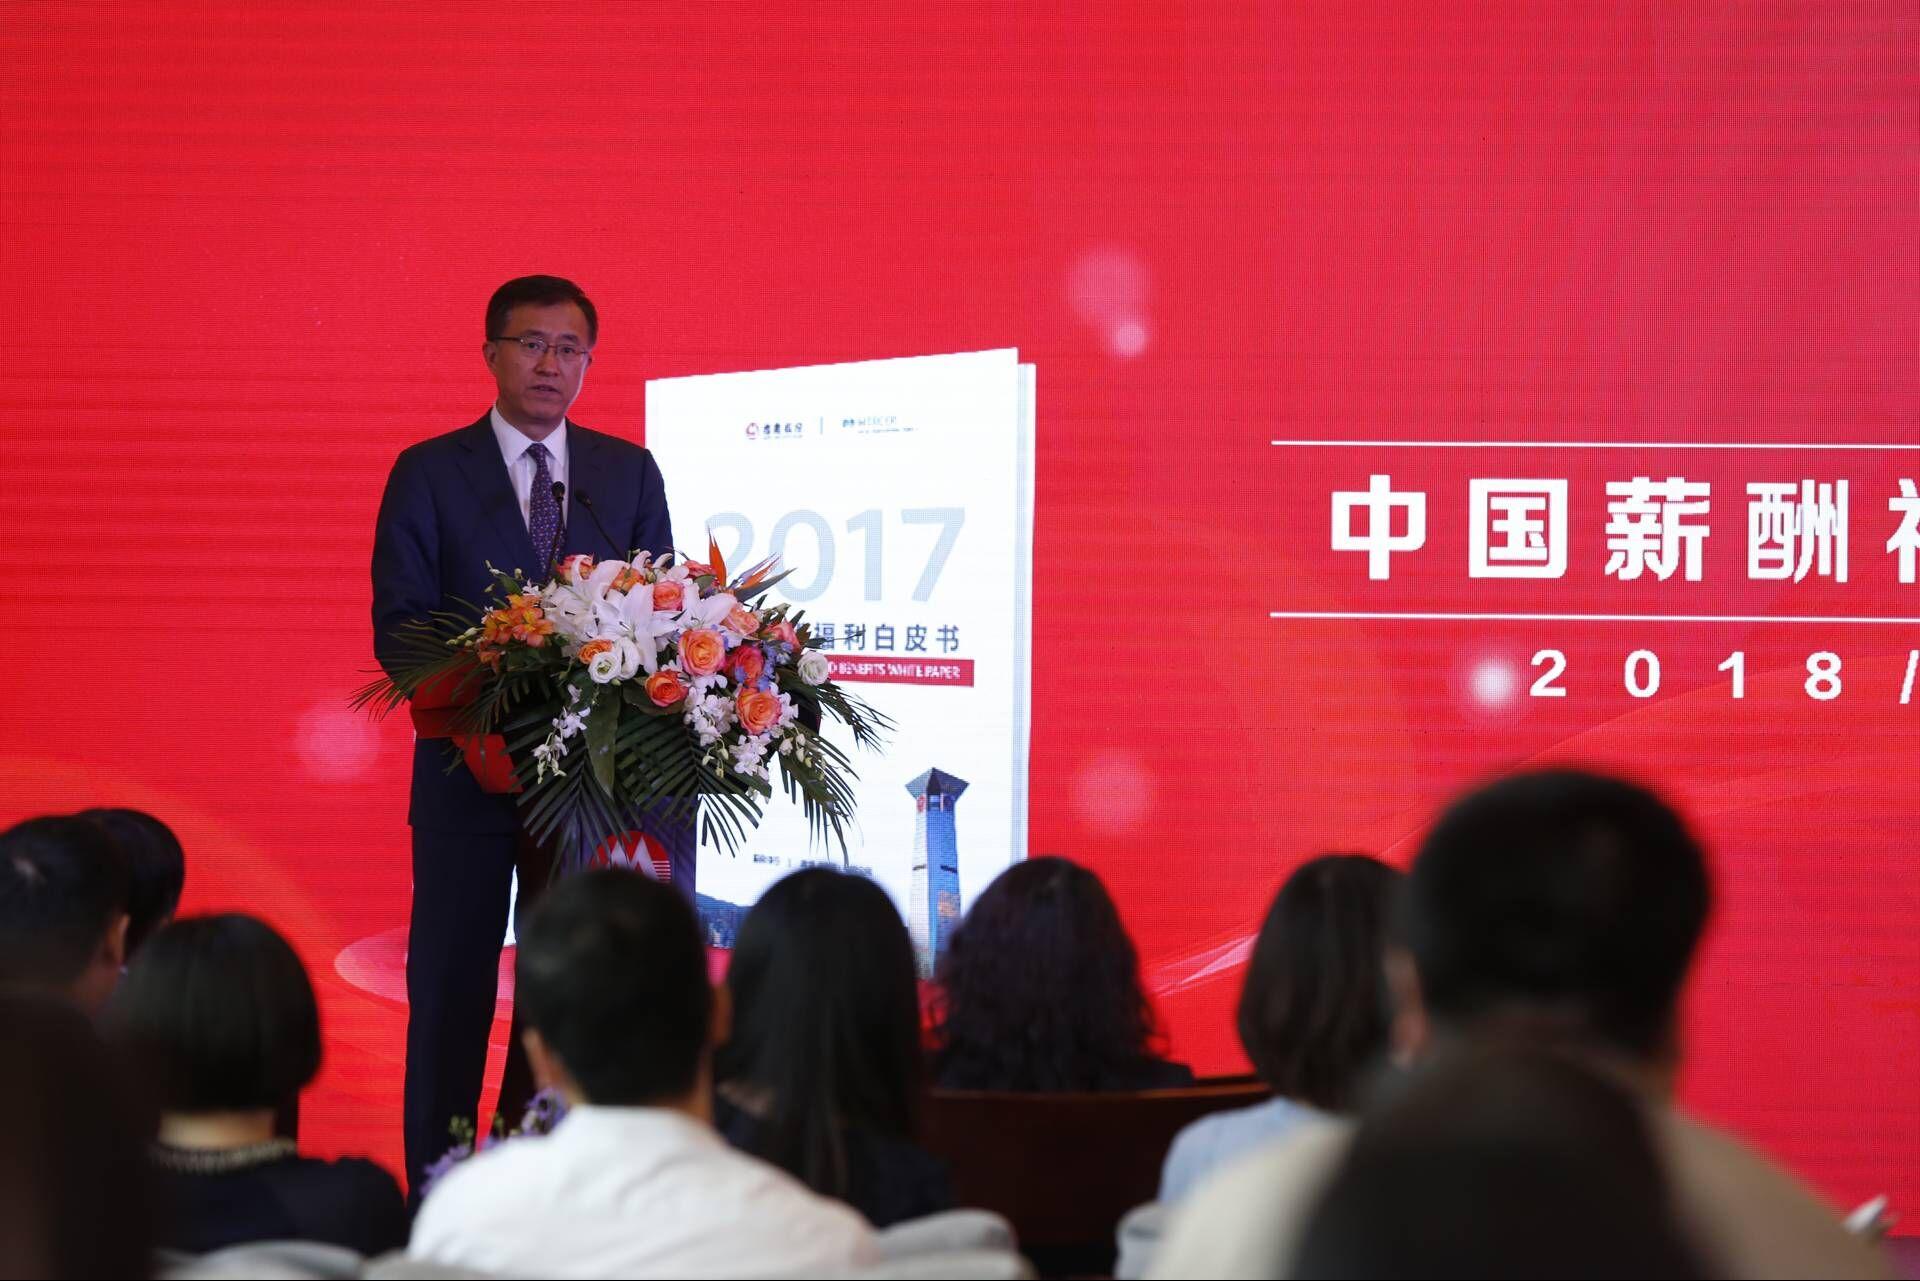 招商银行联合美世发布《中国薪酬福利白皮书》